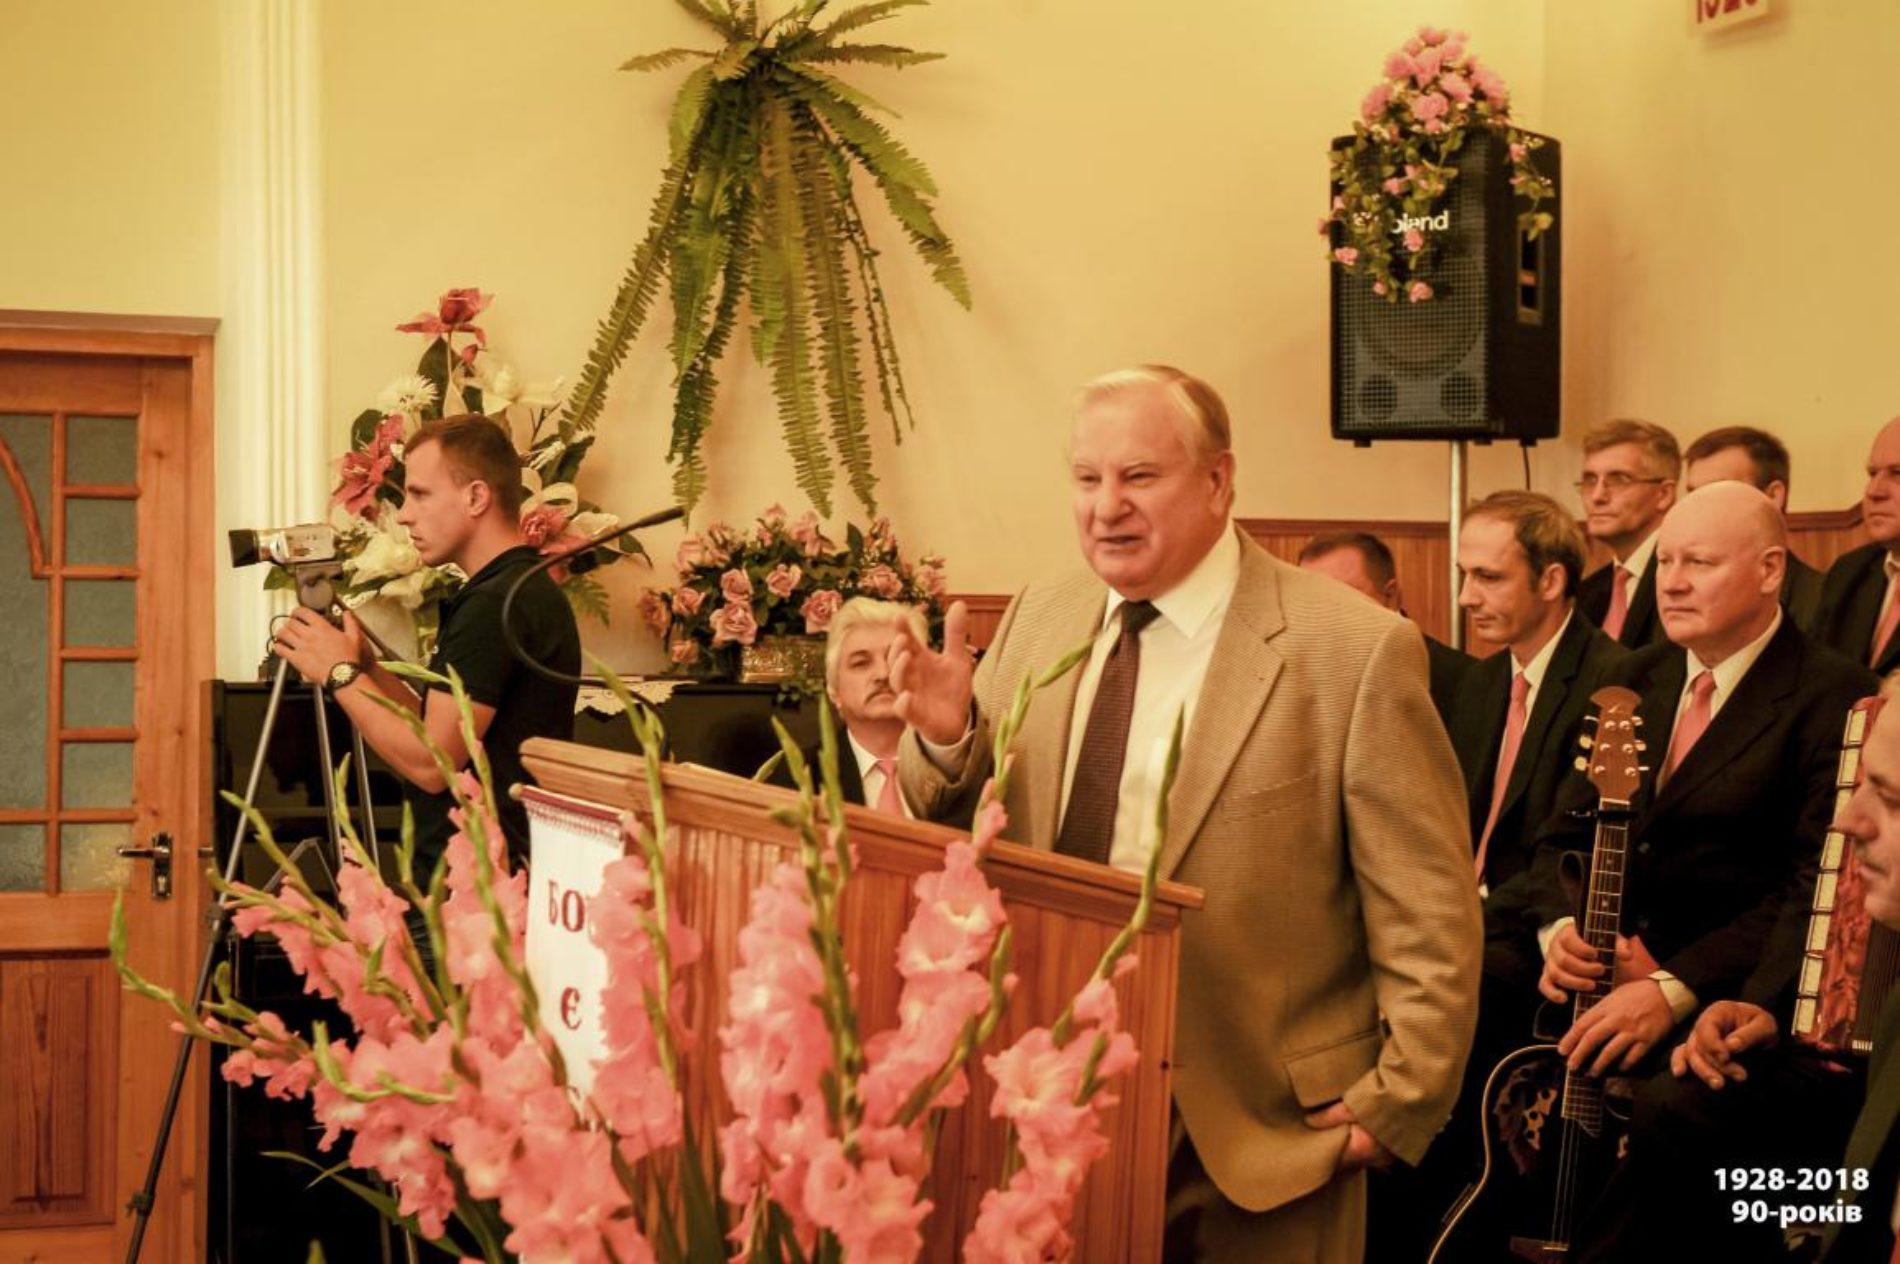 У селі Бортків на Львівщині відсвяткували 90-річчя церкви (ФОТО)